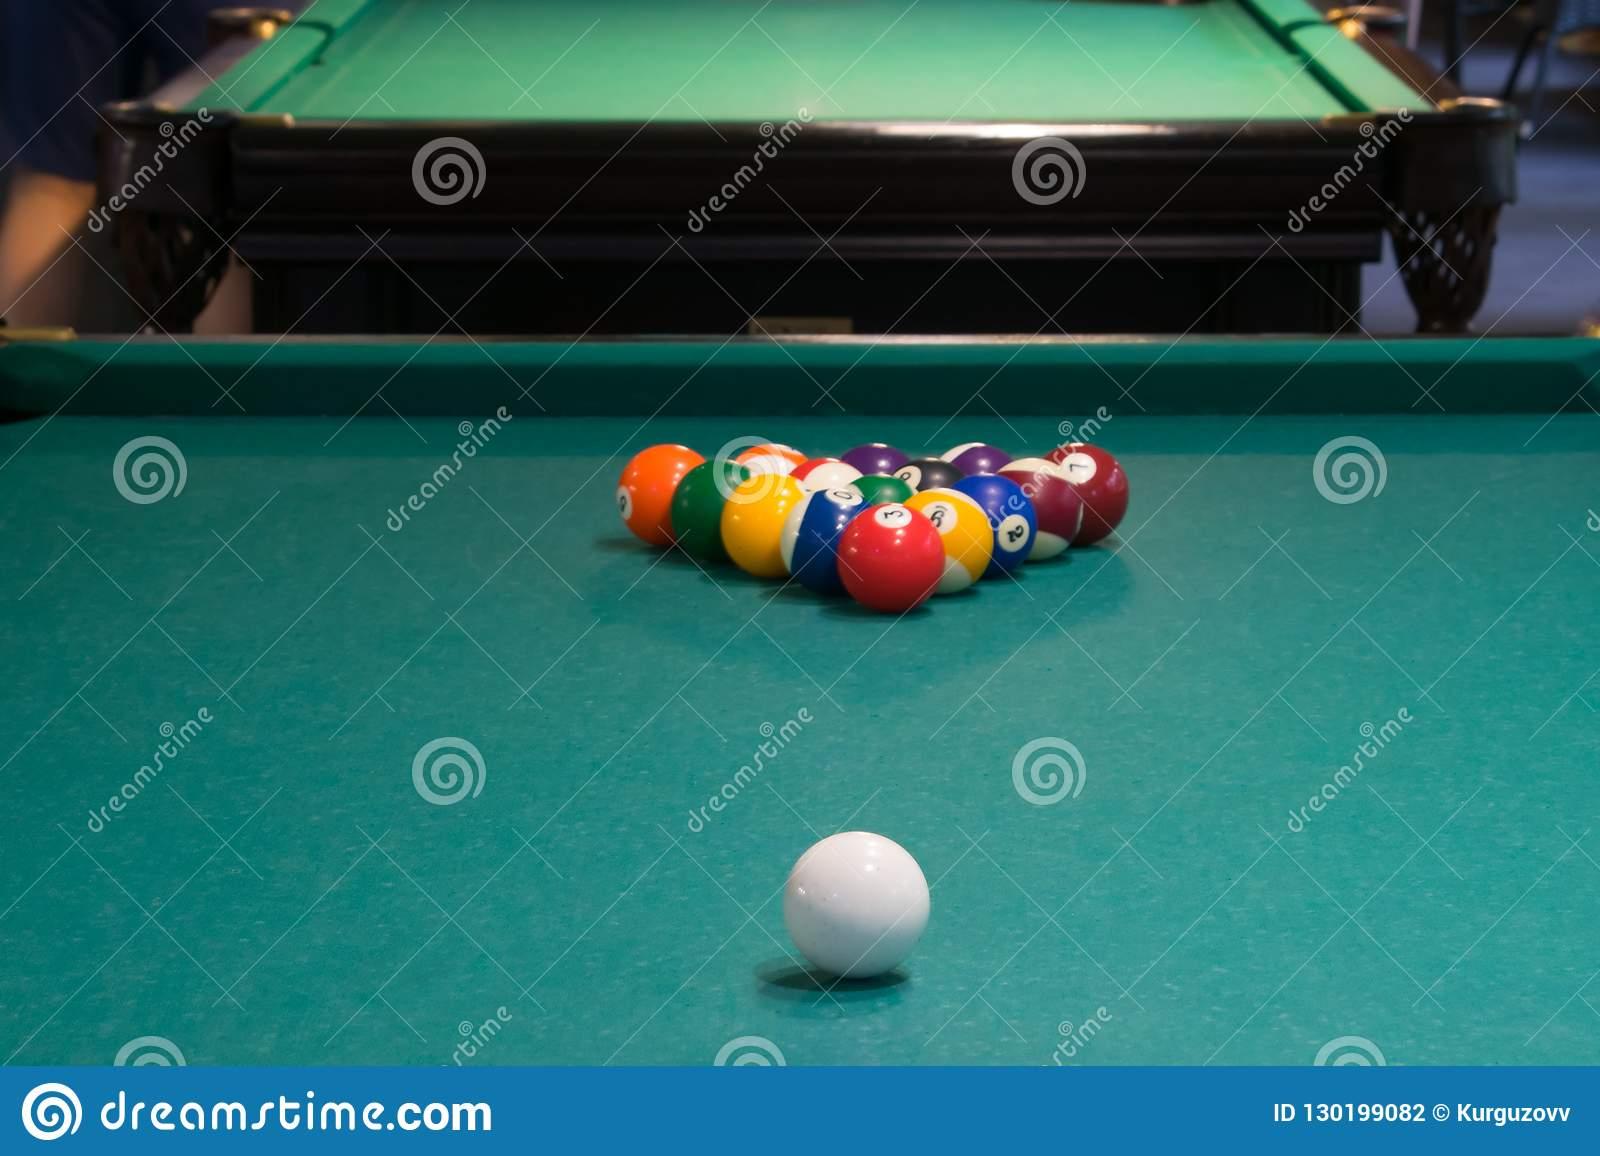 Sur La Table De Billard Verte, Le Début Du Jeu, Les Boules tout Jeux De Biyare